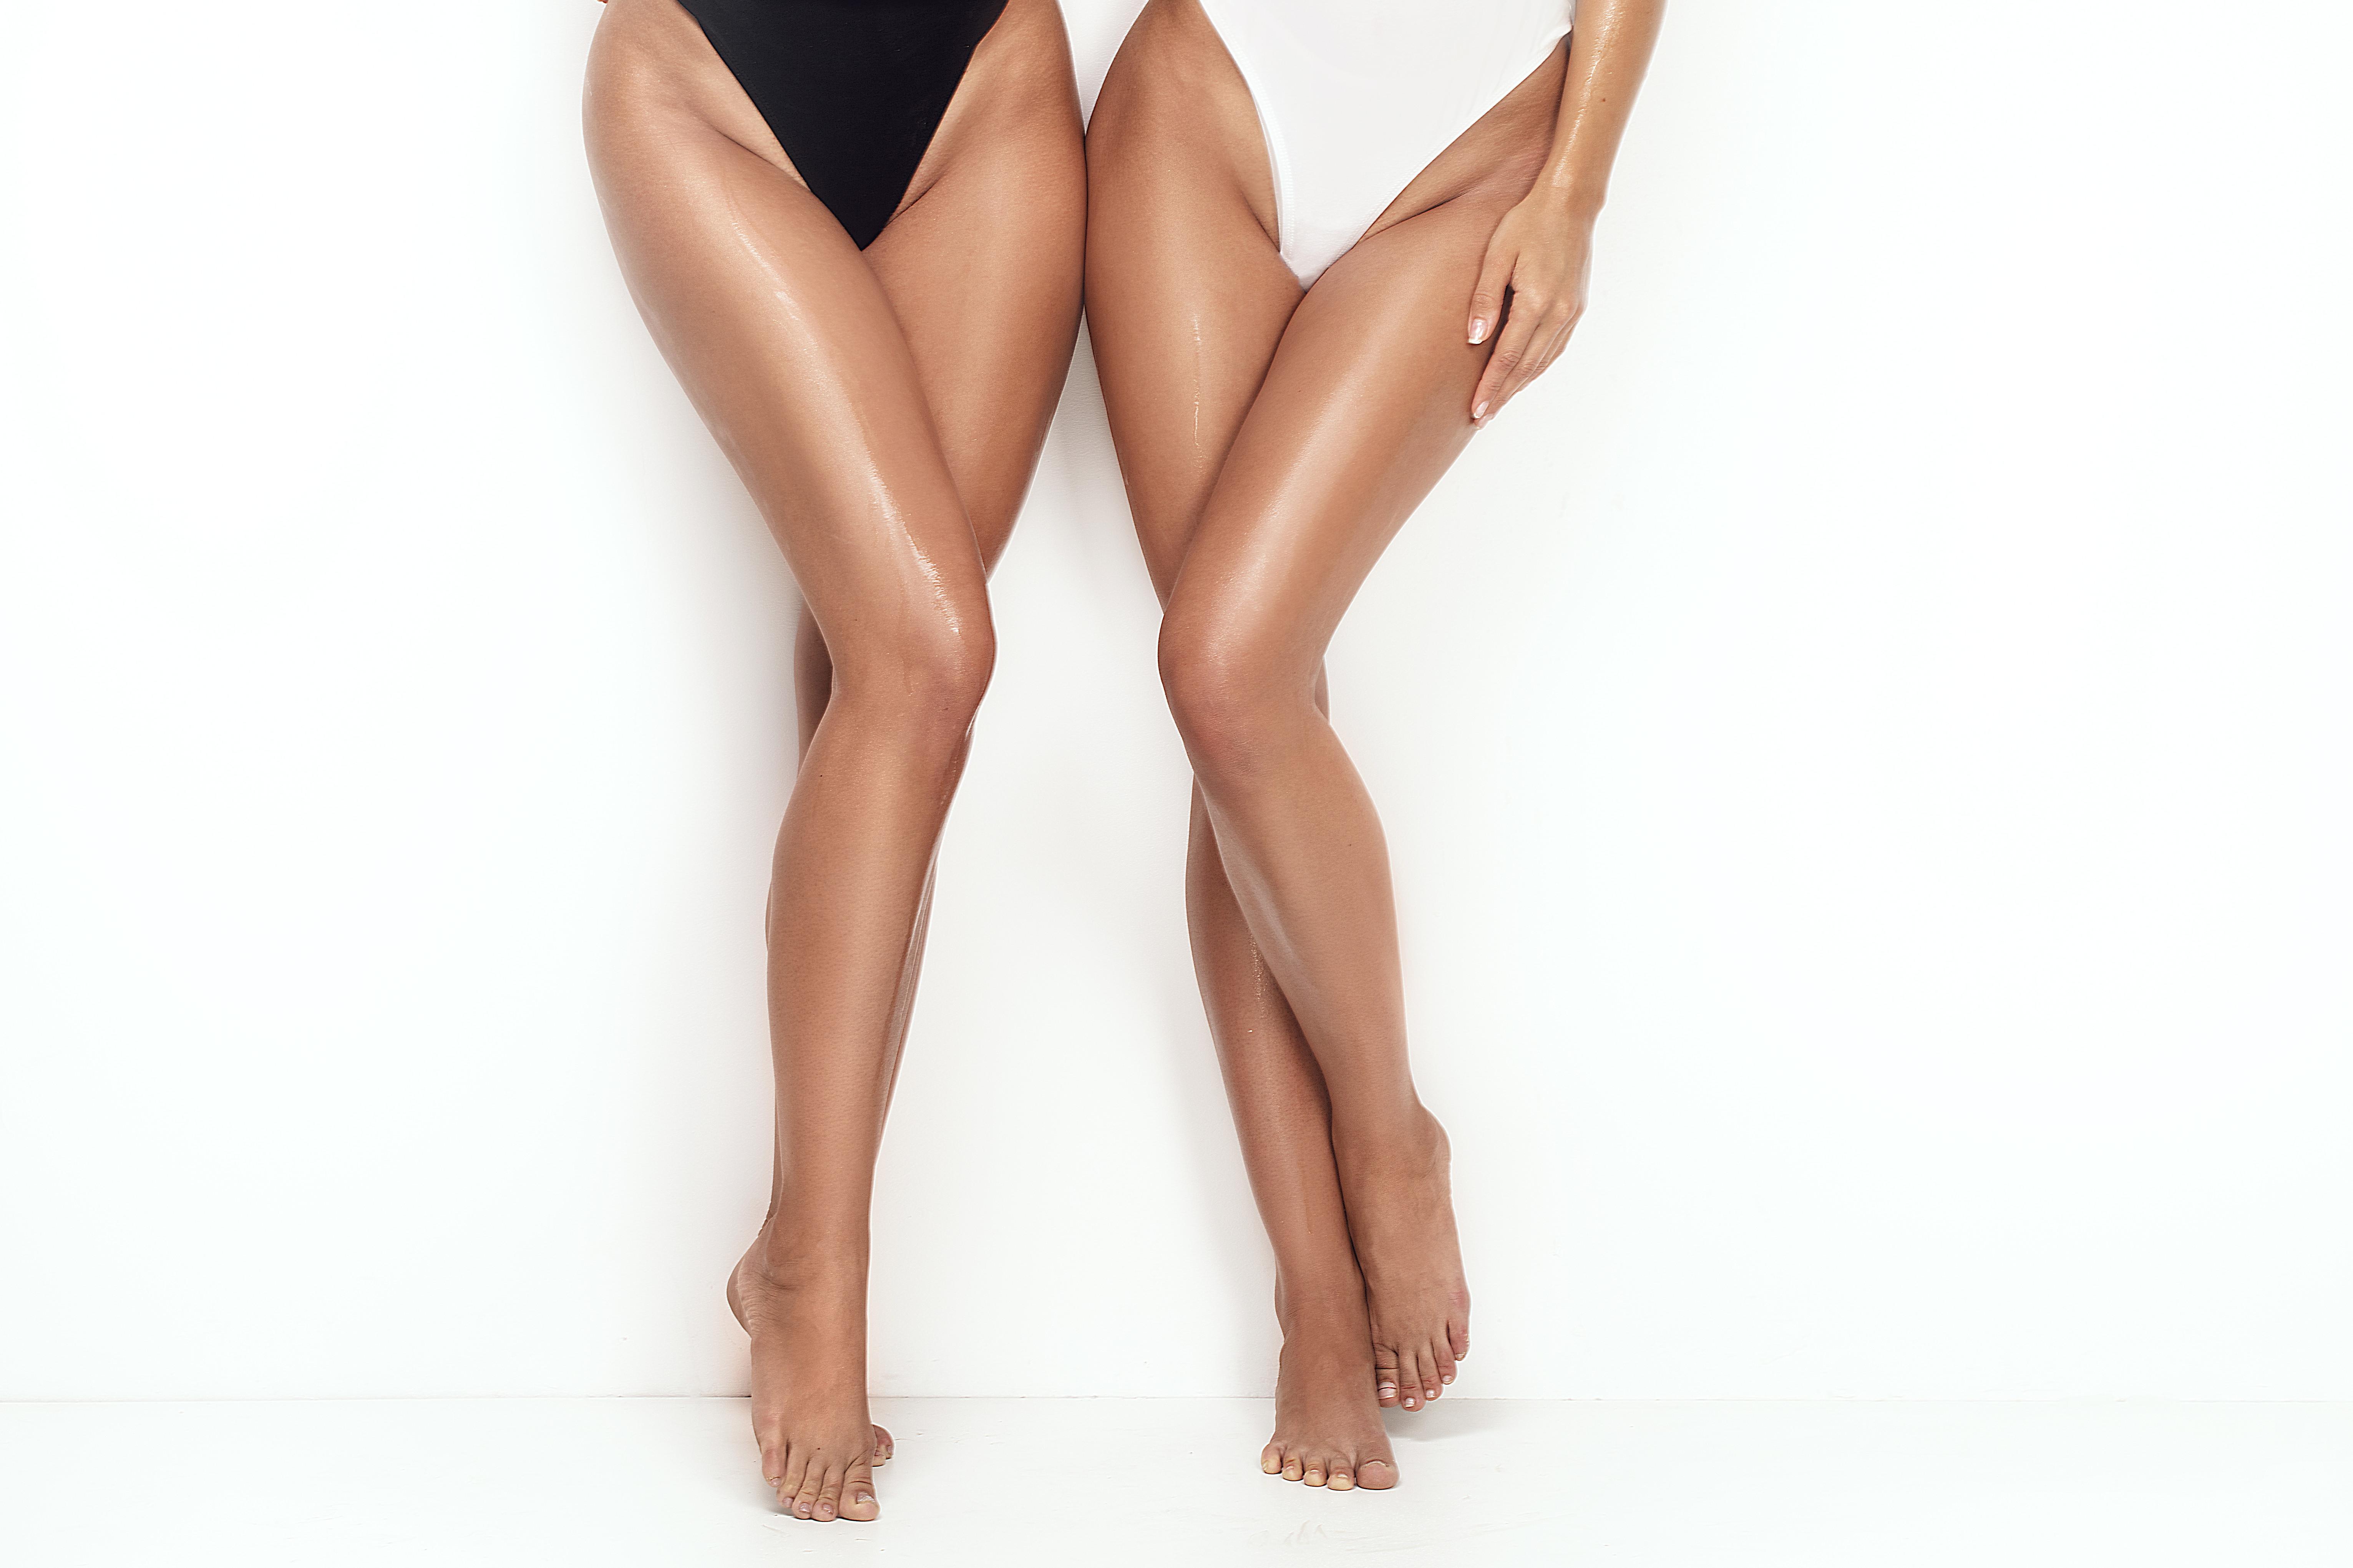 BRAZILIAN & LOWER LEG